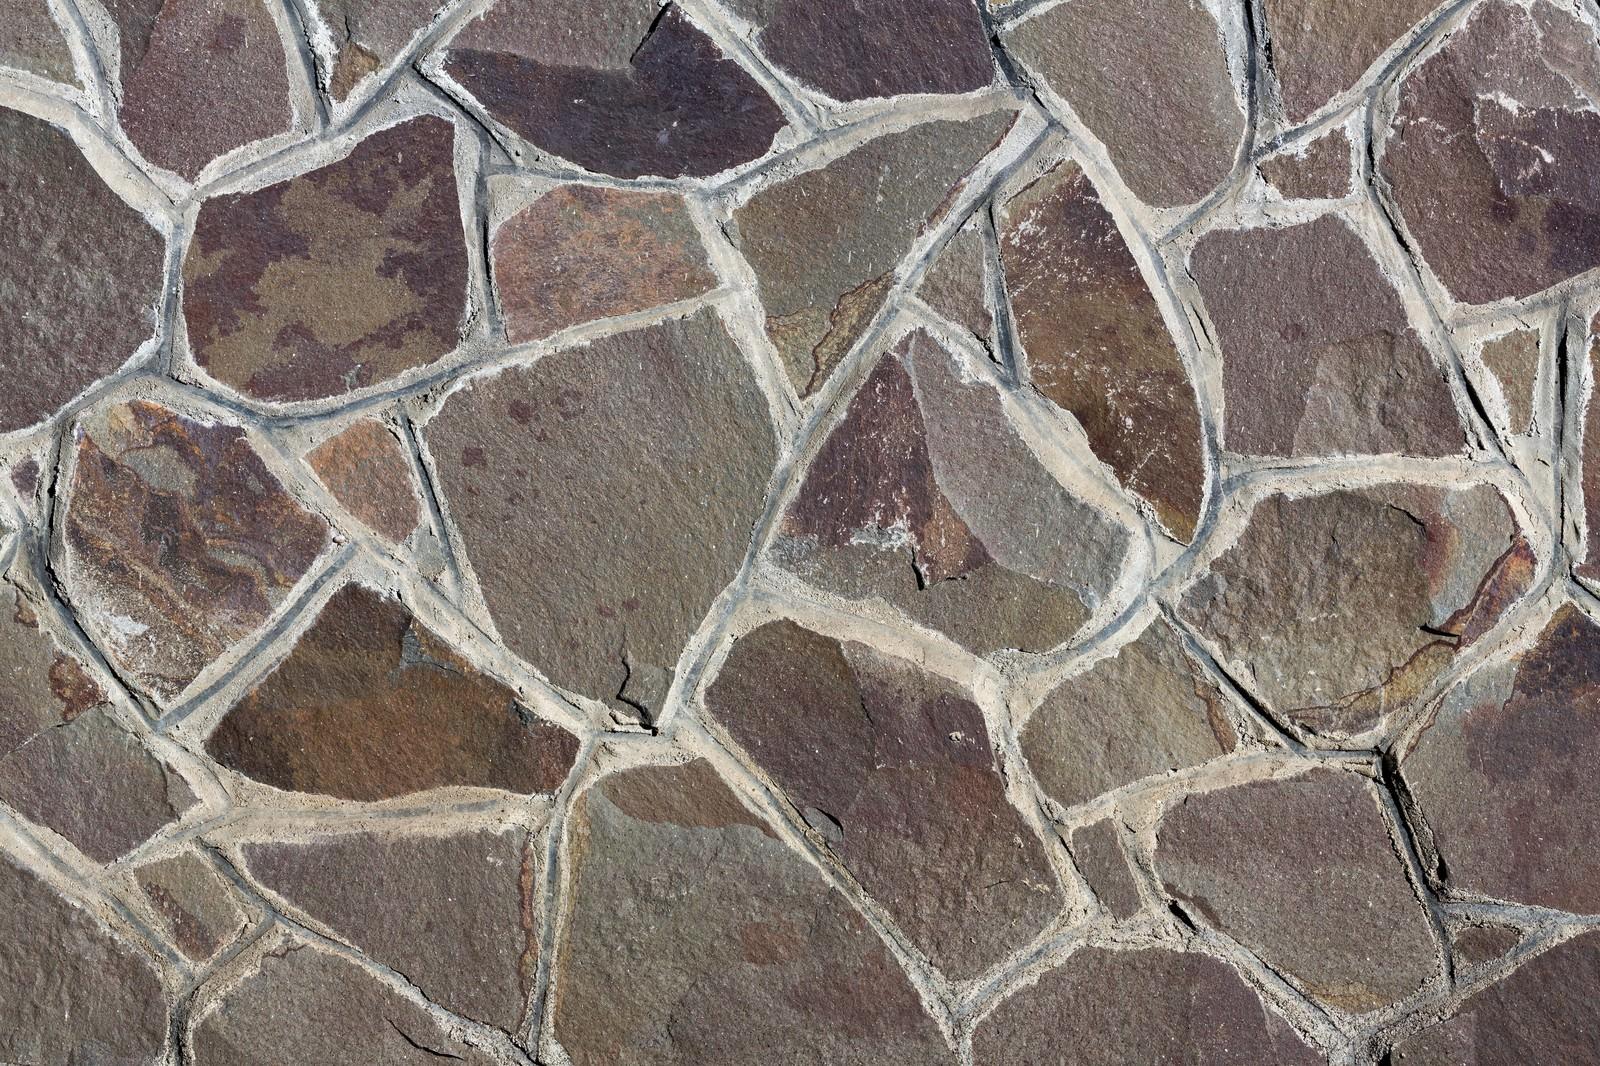 「乱雑な石の壁」の写真